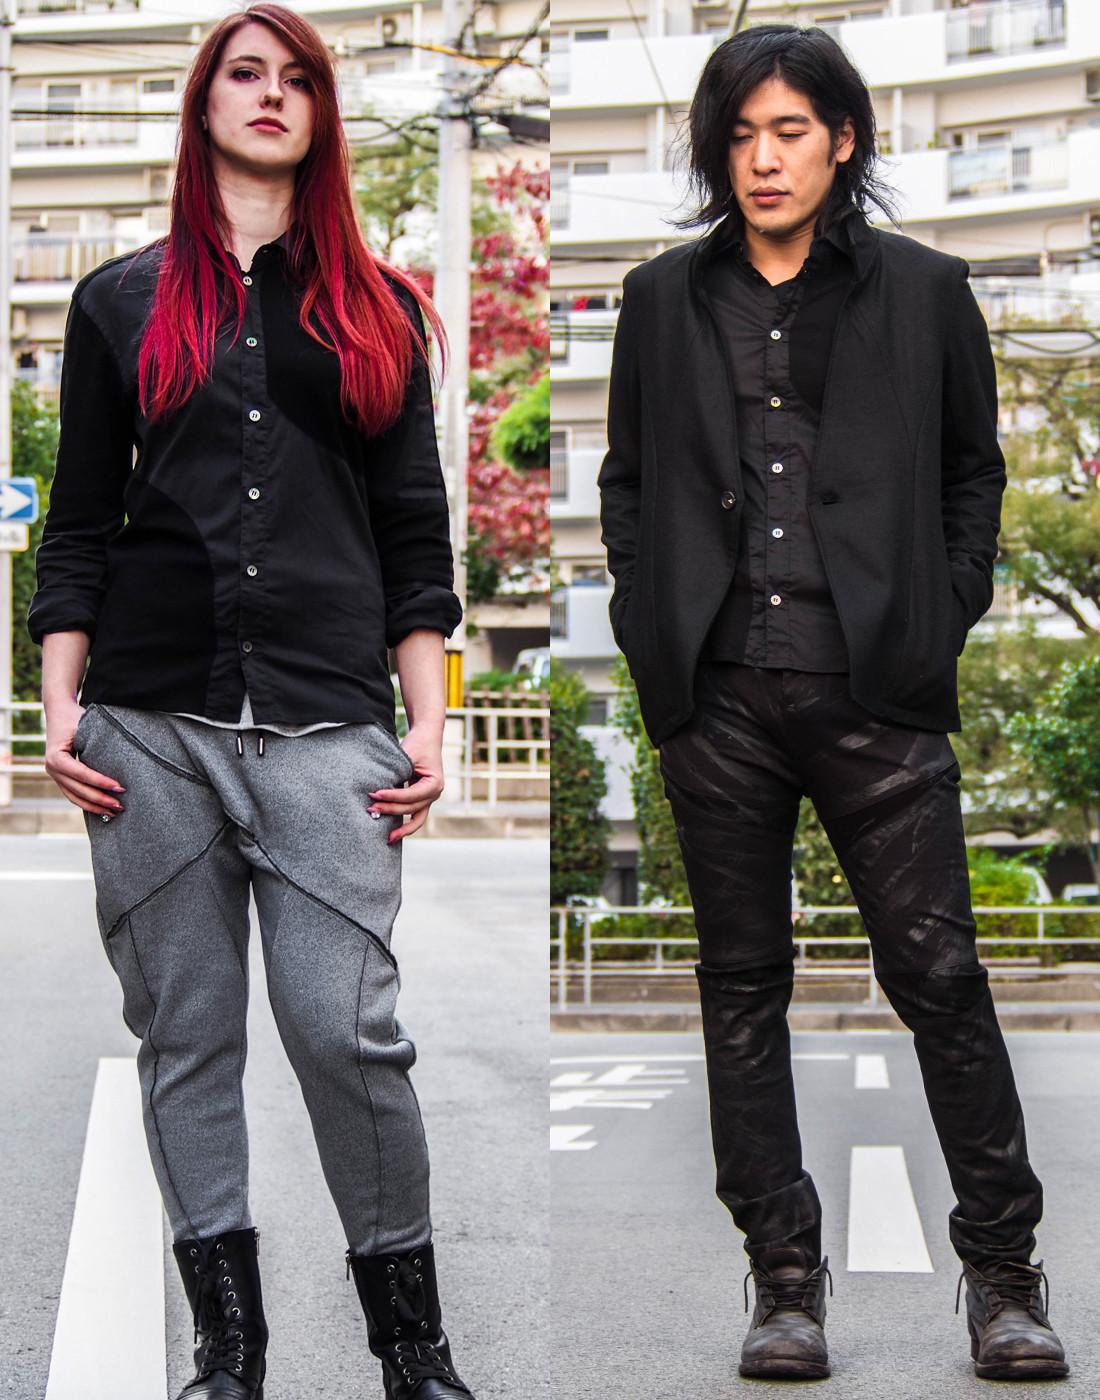 ユニセックス ブラックシャツ.jpg